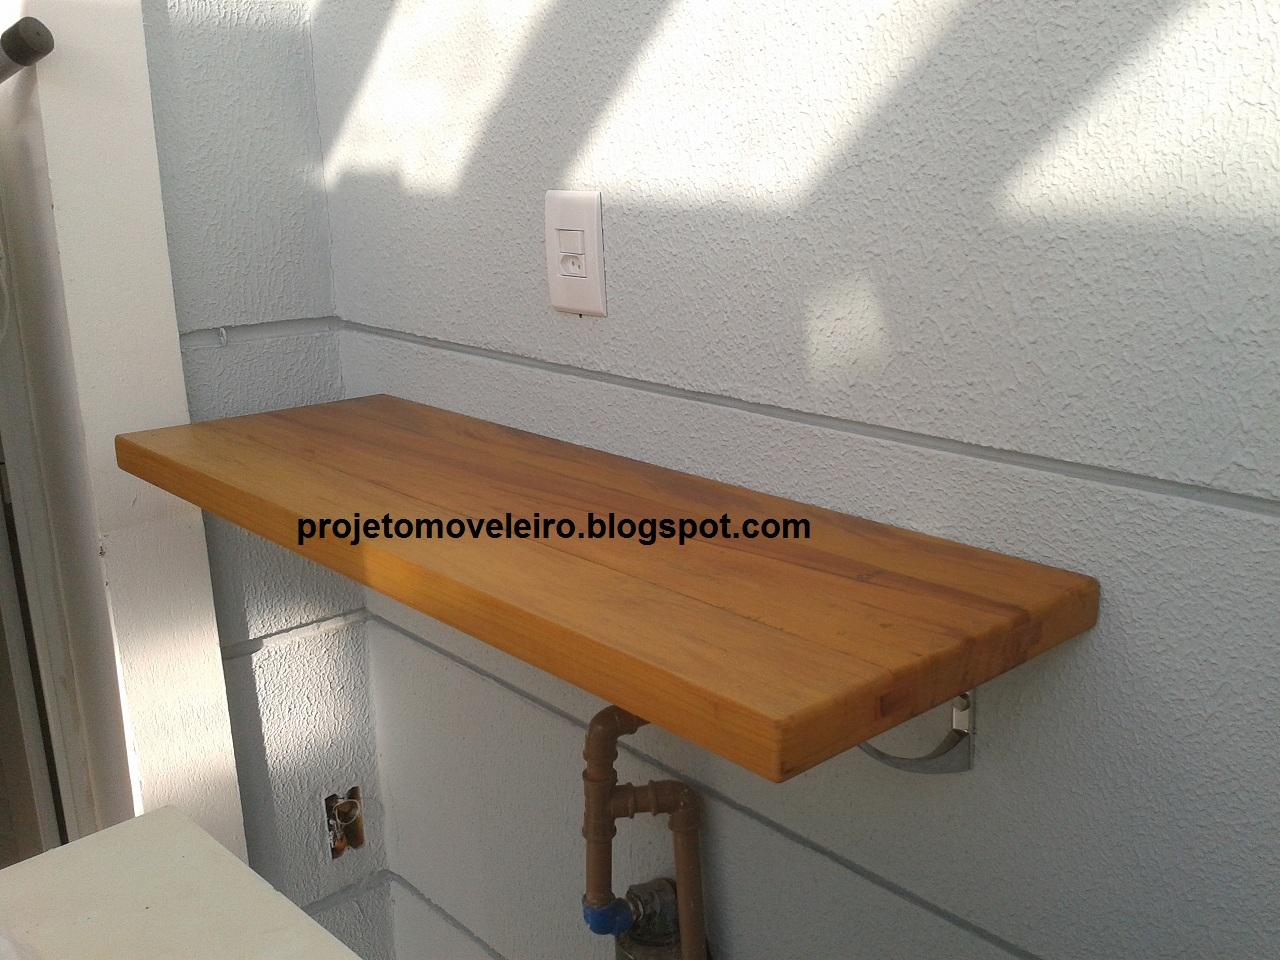 EM MADEIRA MACIÇA E MOVEIS SOB MEDIDA: Trabalhos em madeira de  #9F692C 1280x960